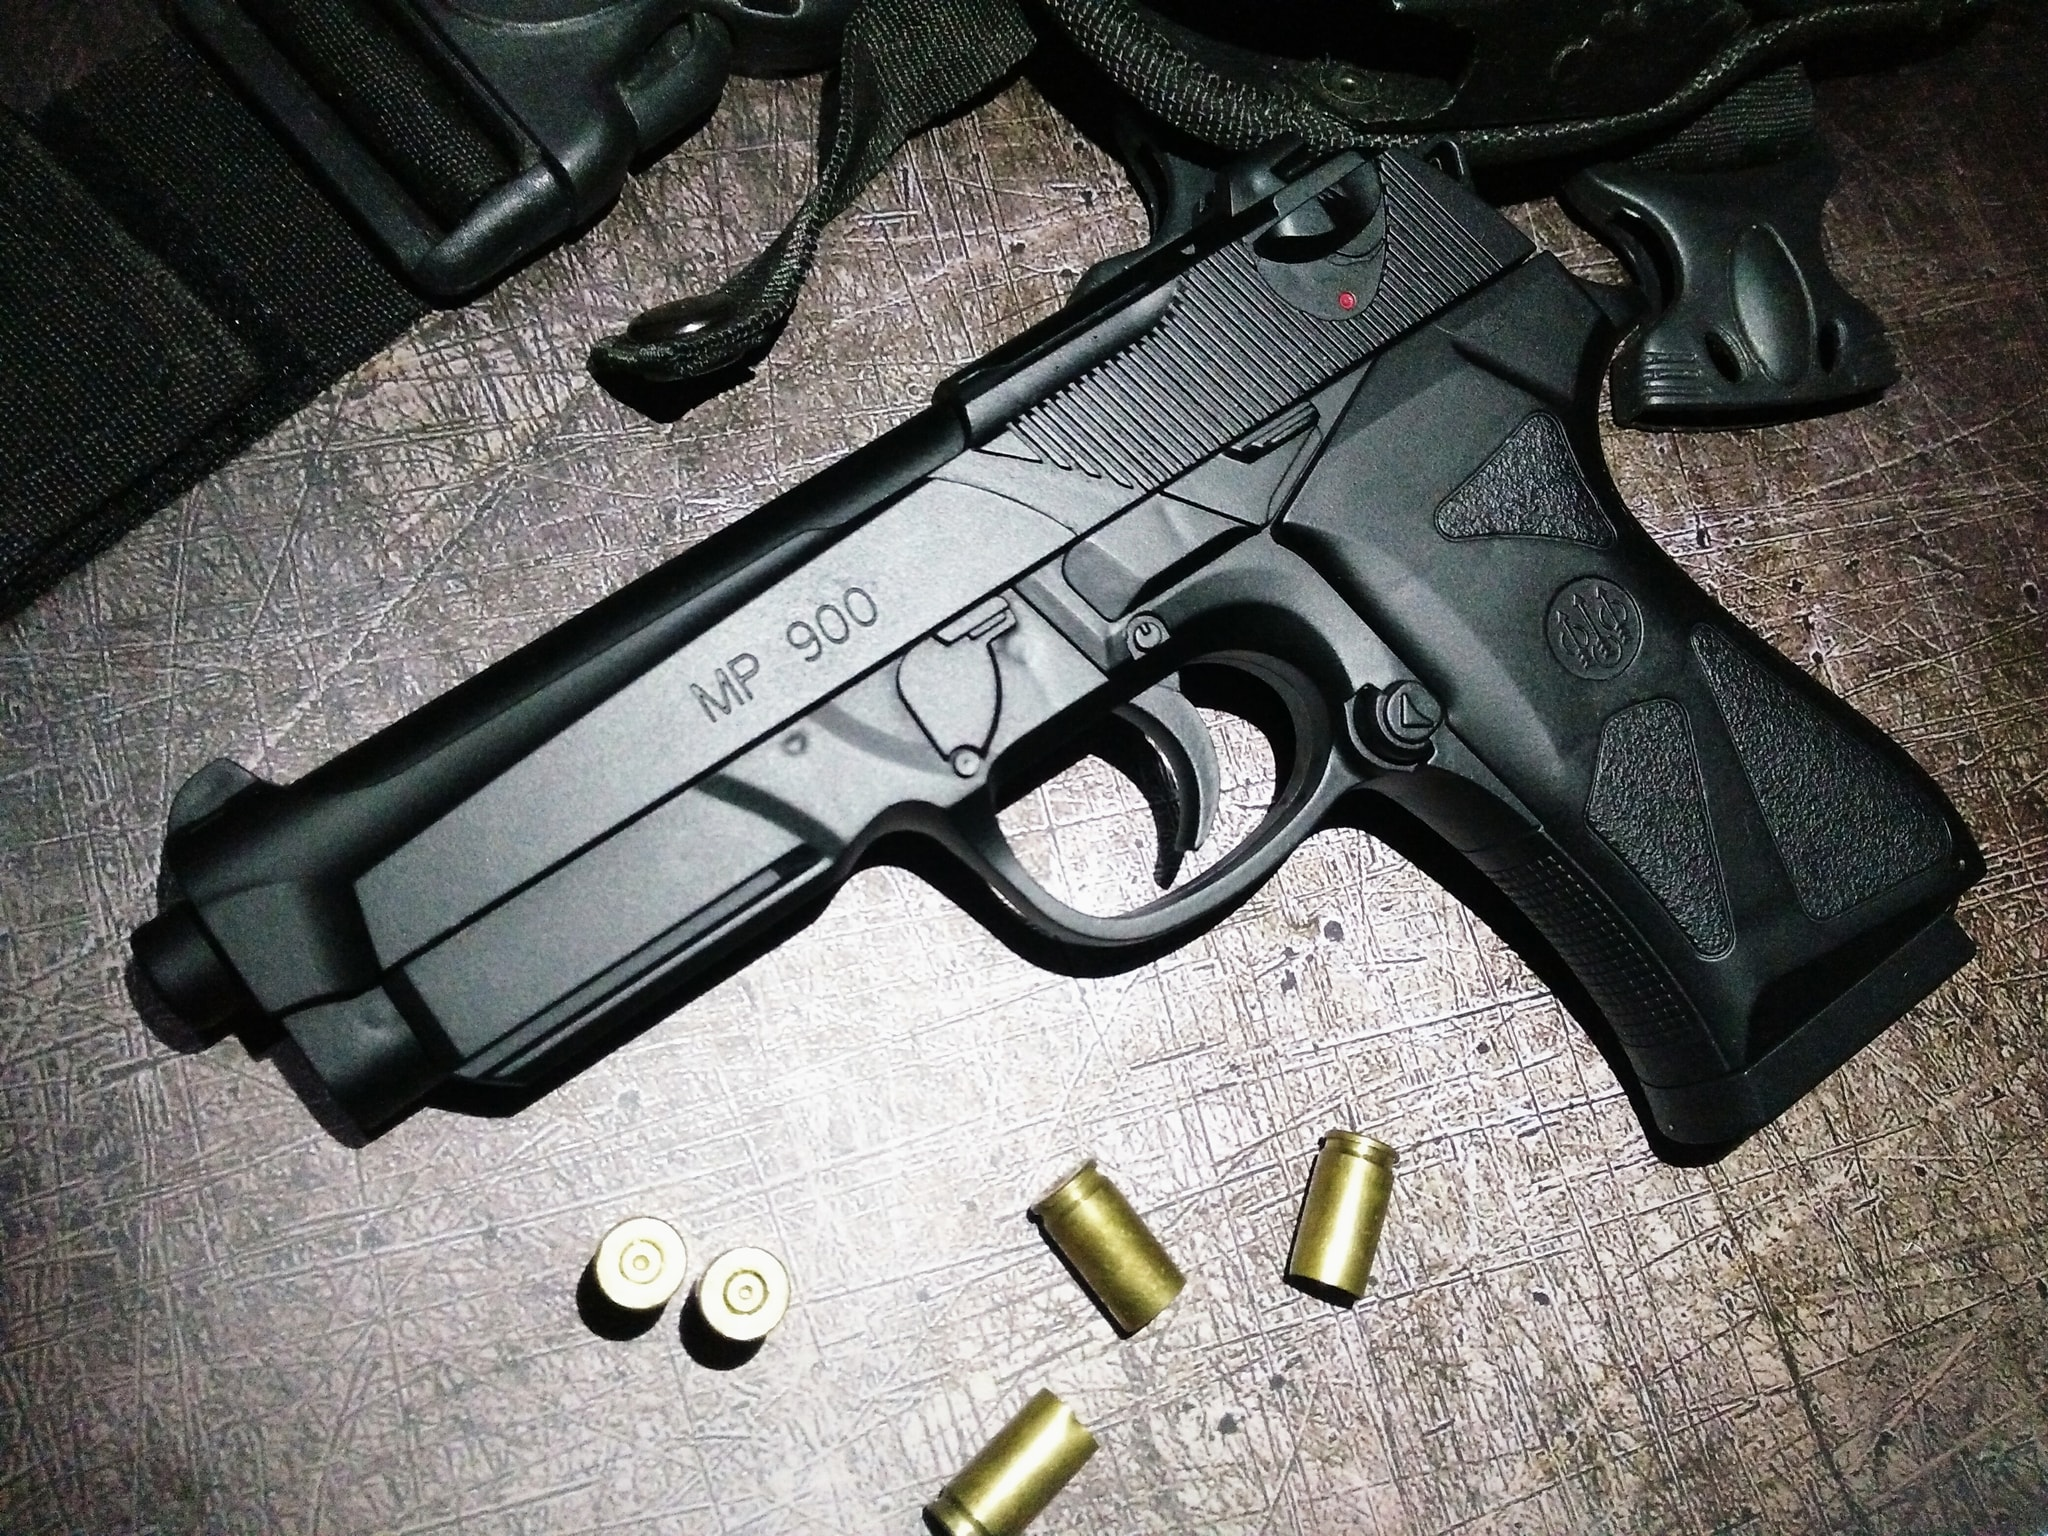 Jual Airsoftgun Spring Beretta M90 Two 7gun Shop Tokopedia Air Soft Gun